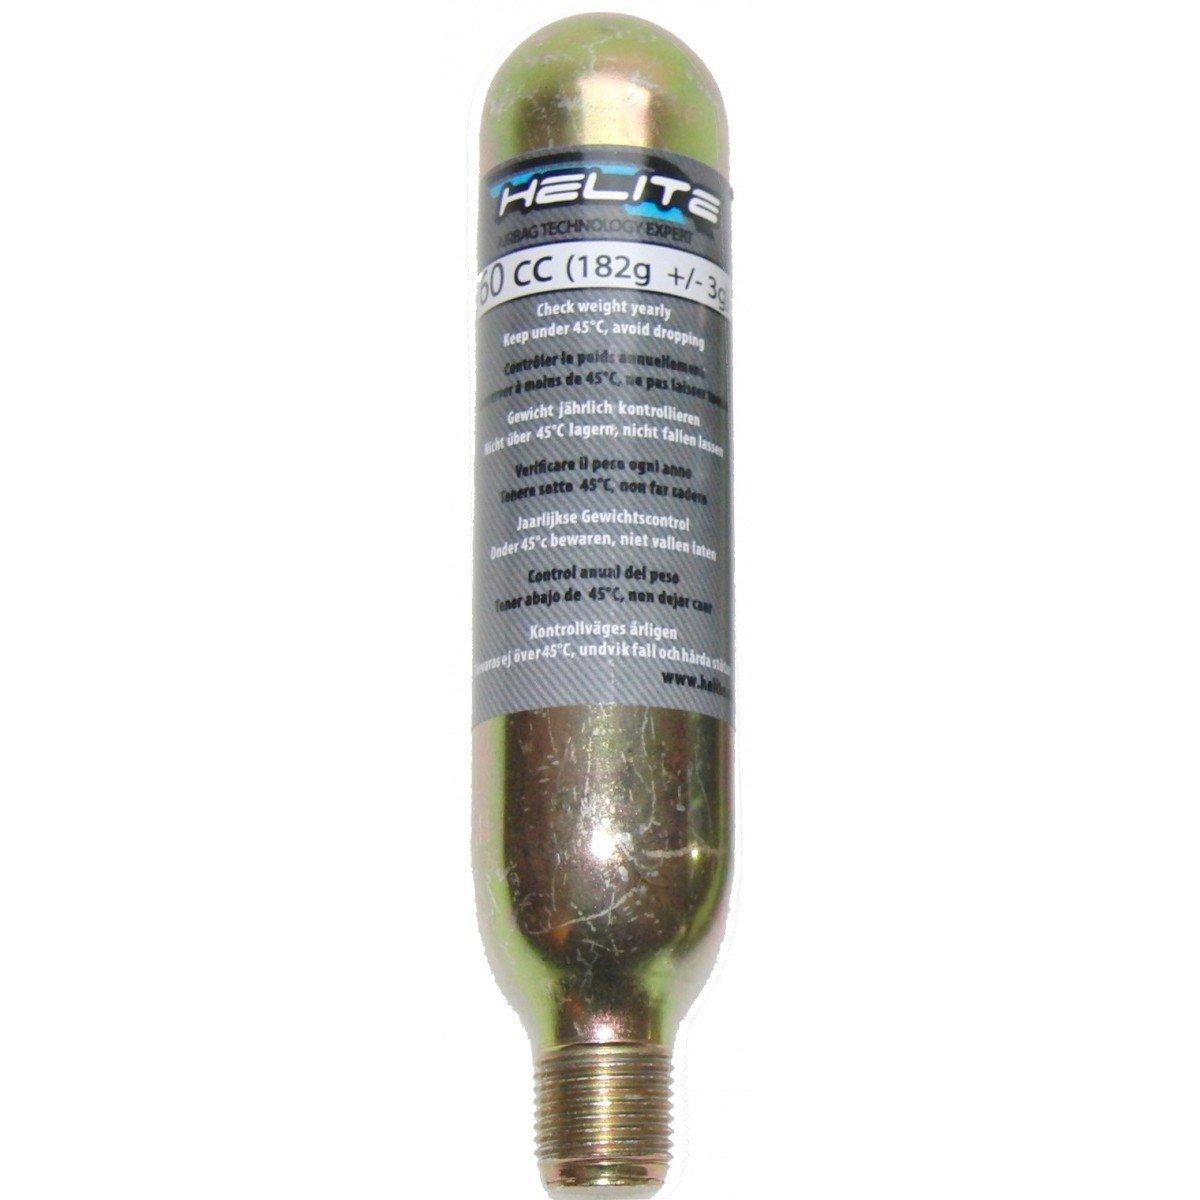 Helite CO2 Cartridge 60cc